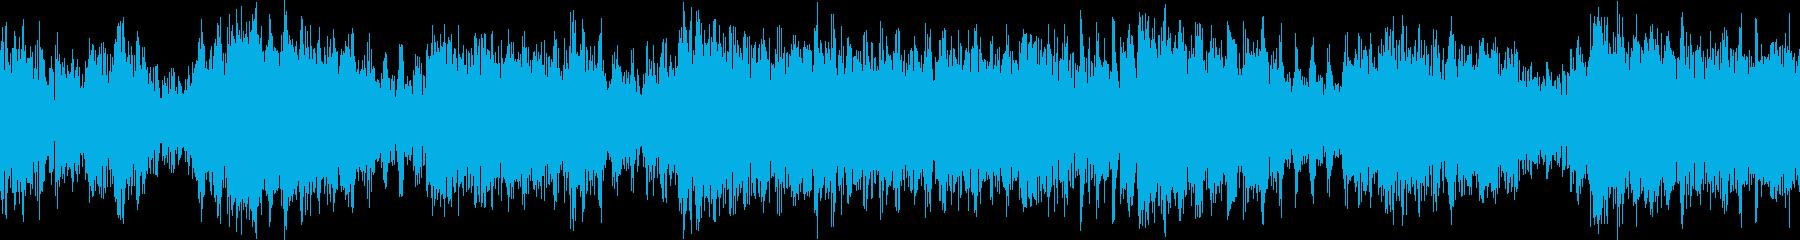 【ループD】ヘヴィーで攻撃的エレキギターの再生済みの波形